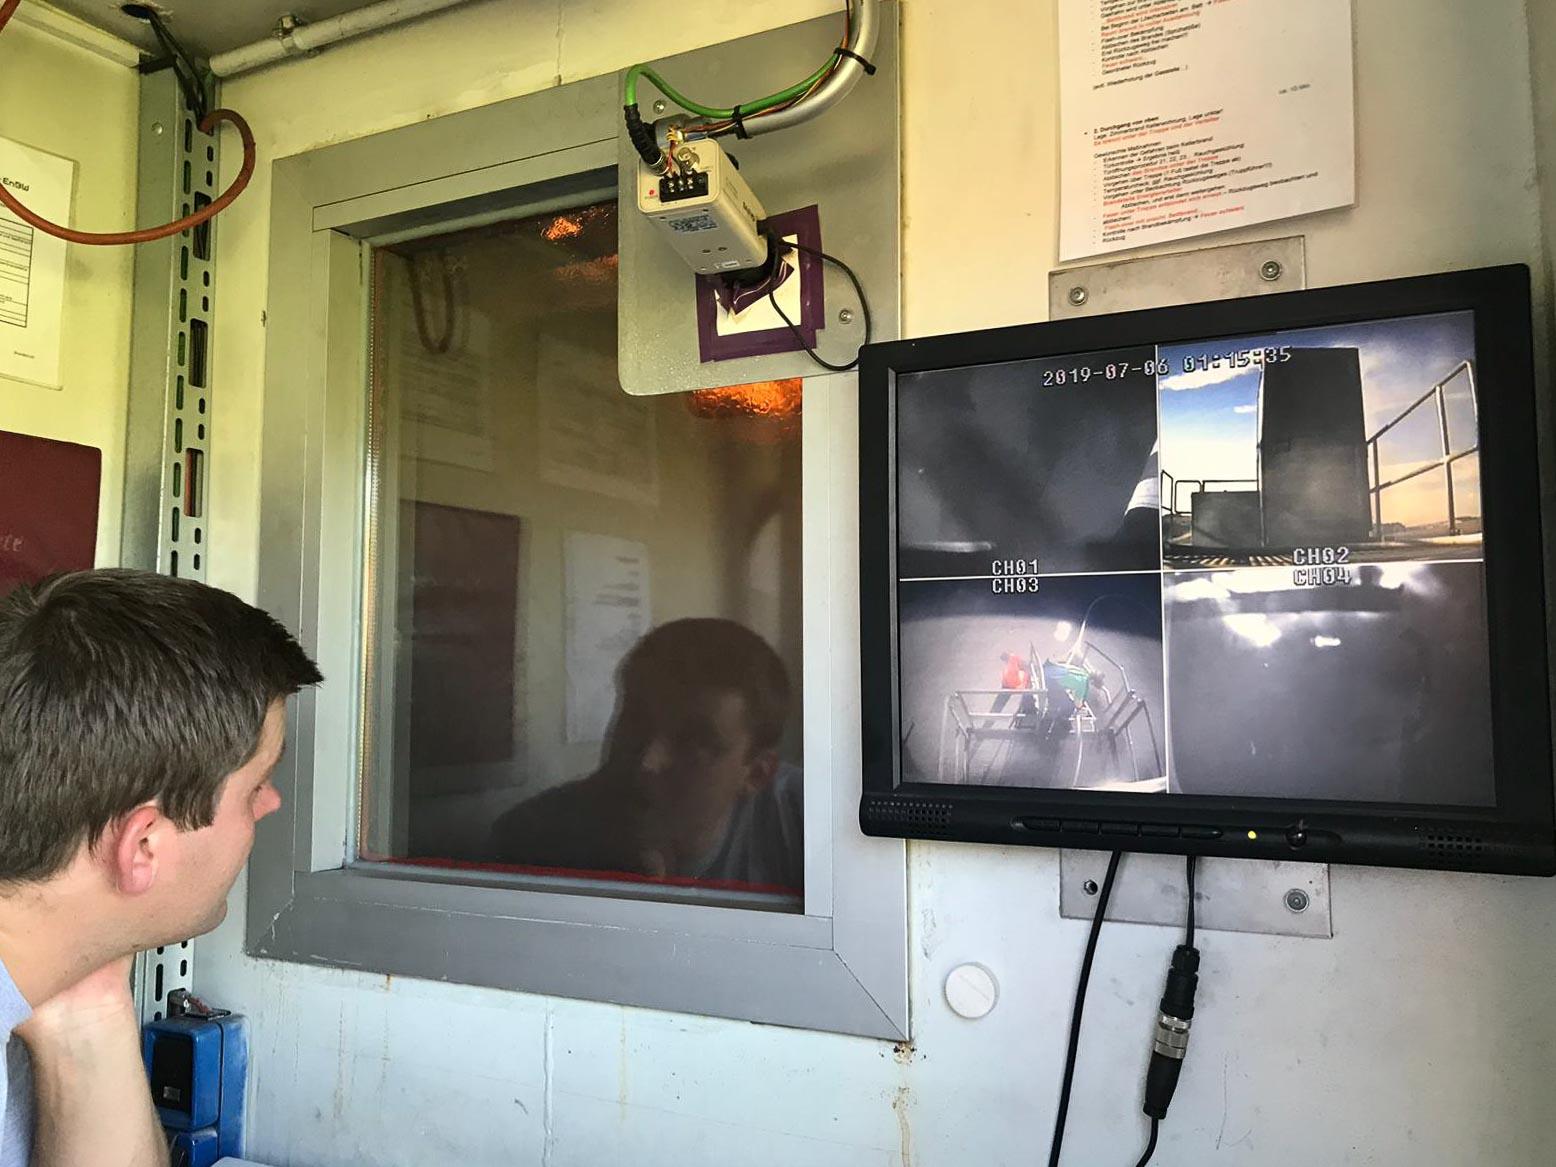 Feuerwehr Ermengerst - Brandübungsanlage für Atemschutz am 05.07.2019